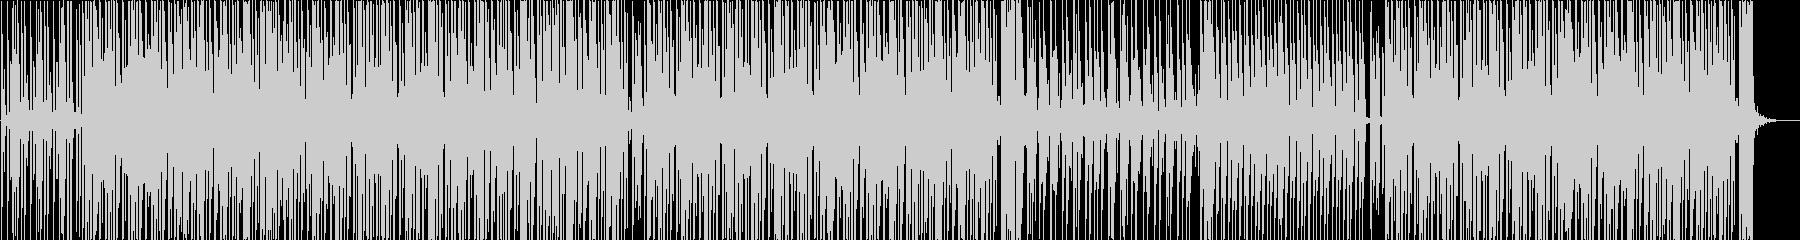 妖しいムードのハウス・テクノの未再生の波形